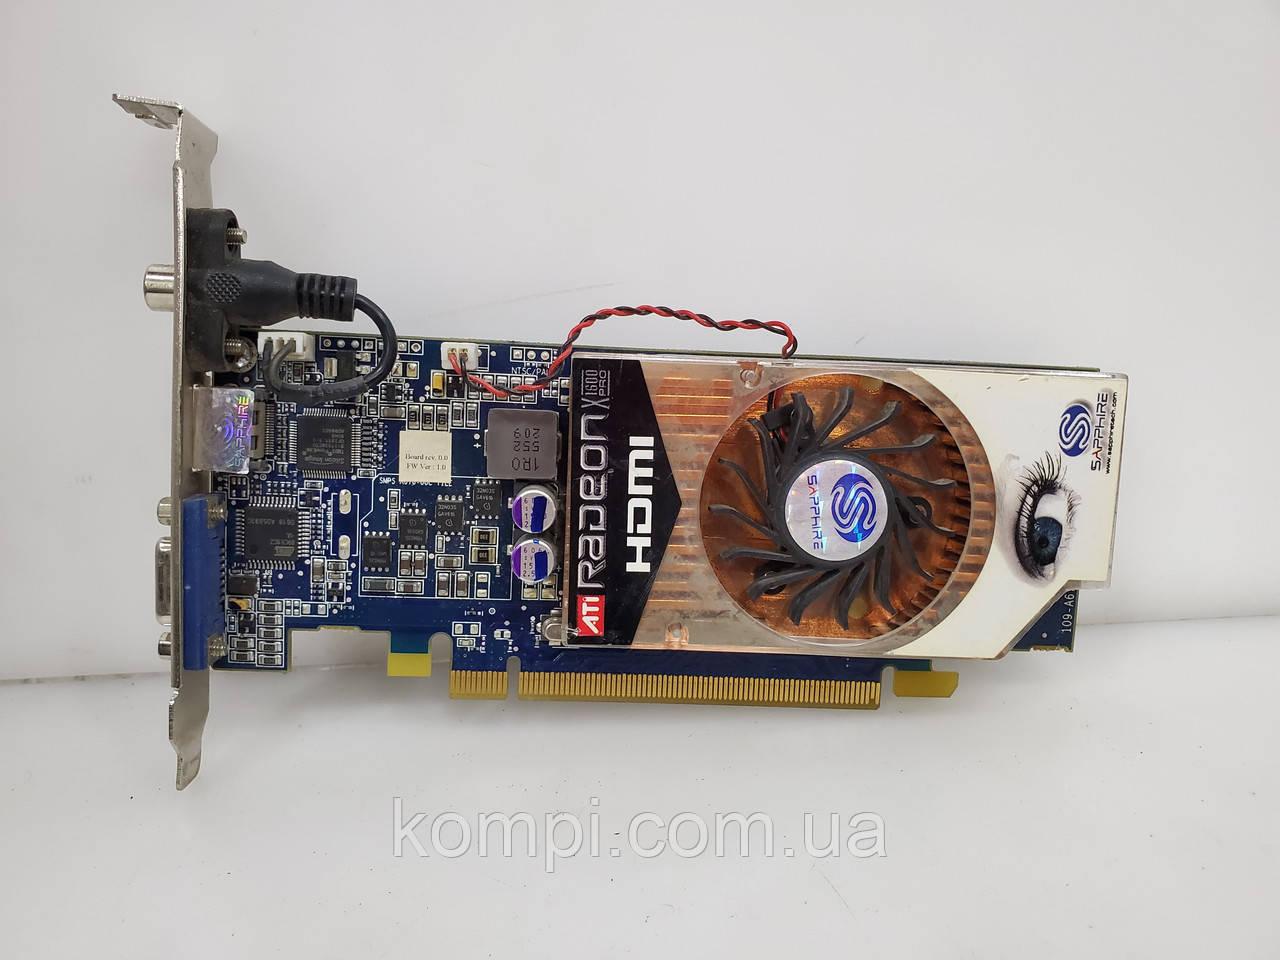 Видеокарта ATI RADEON X1600pro 256MB PCI-E